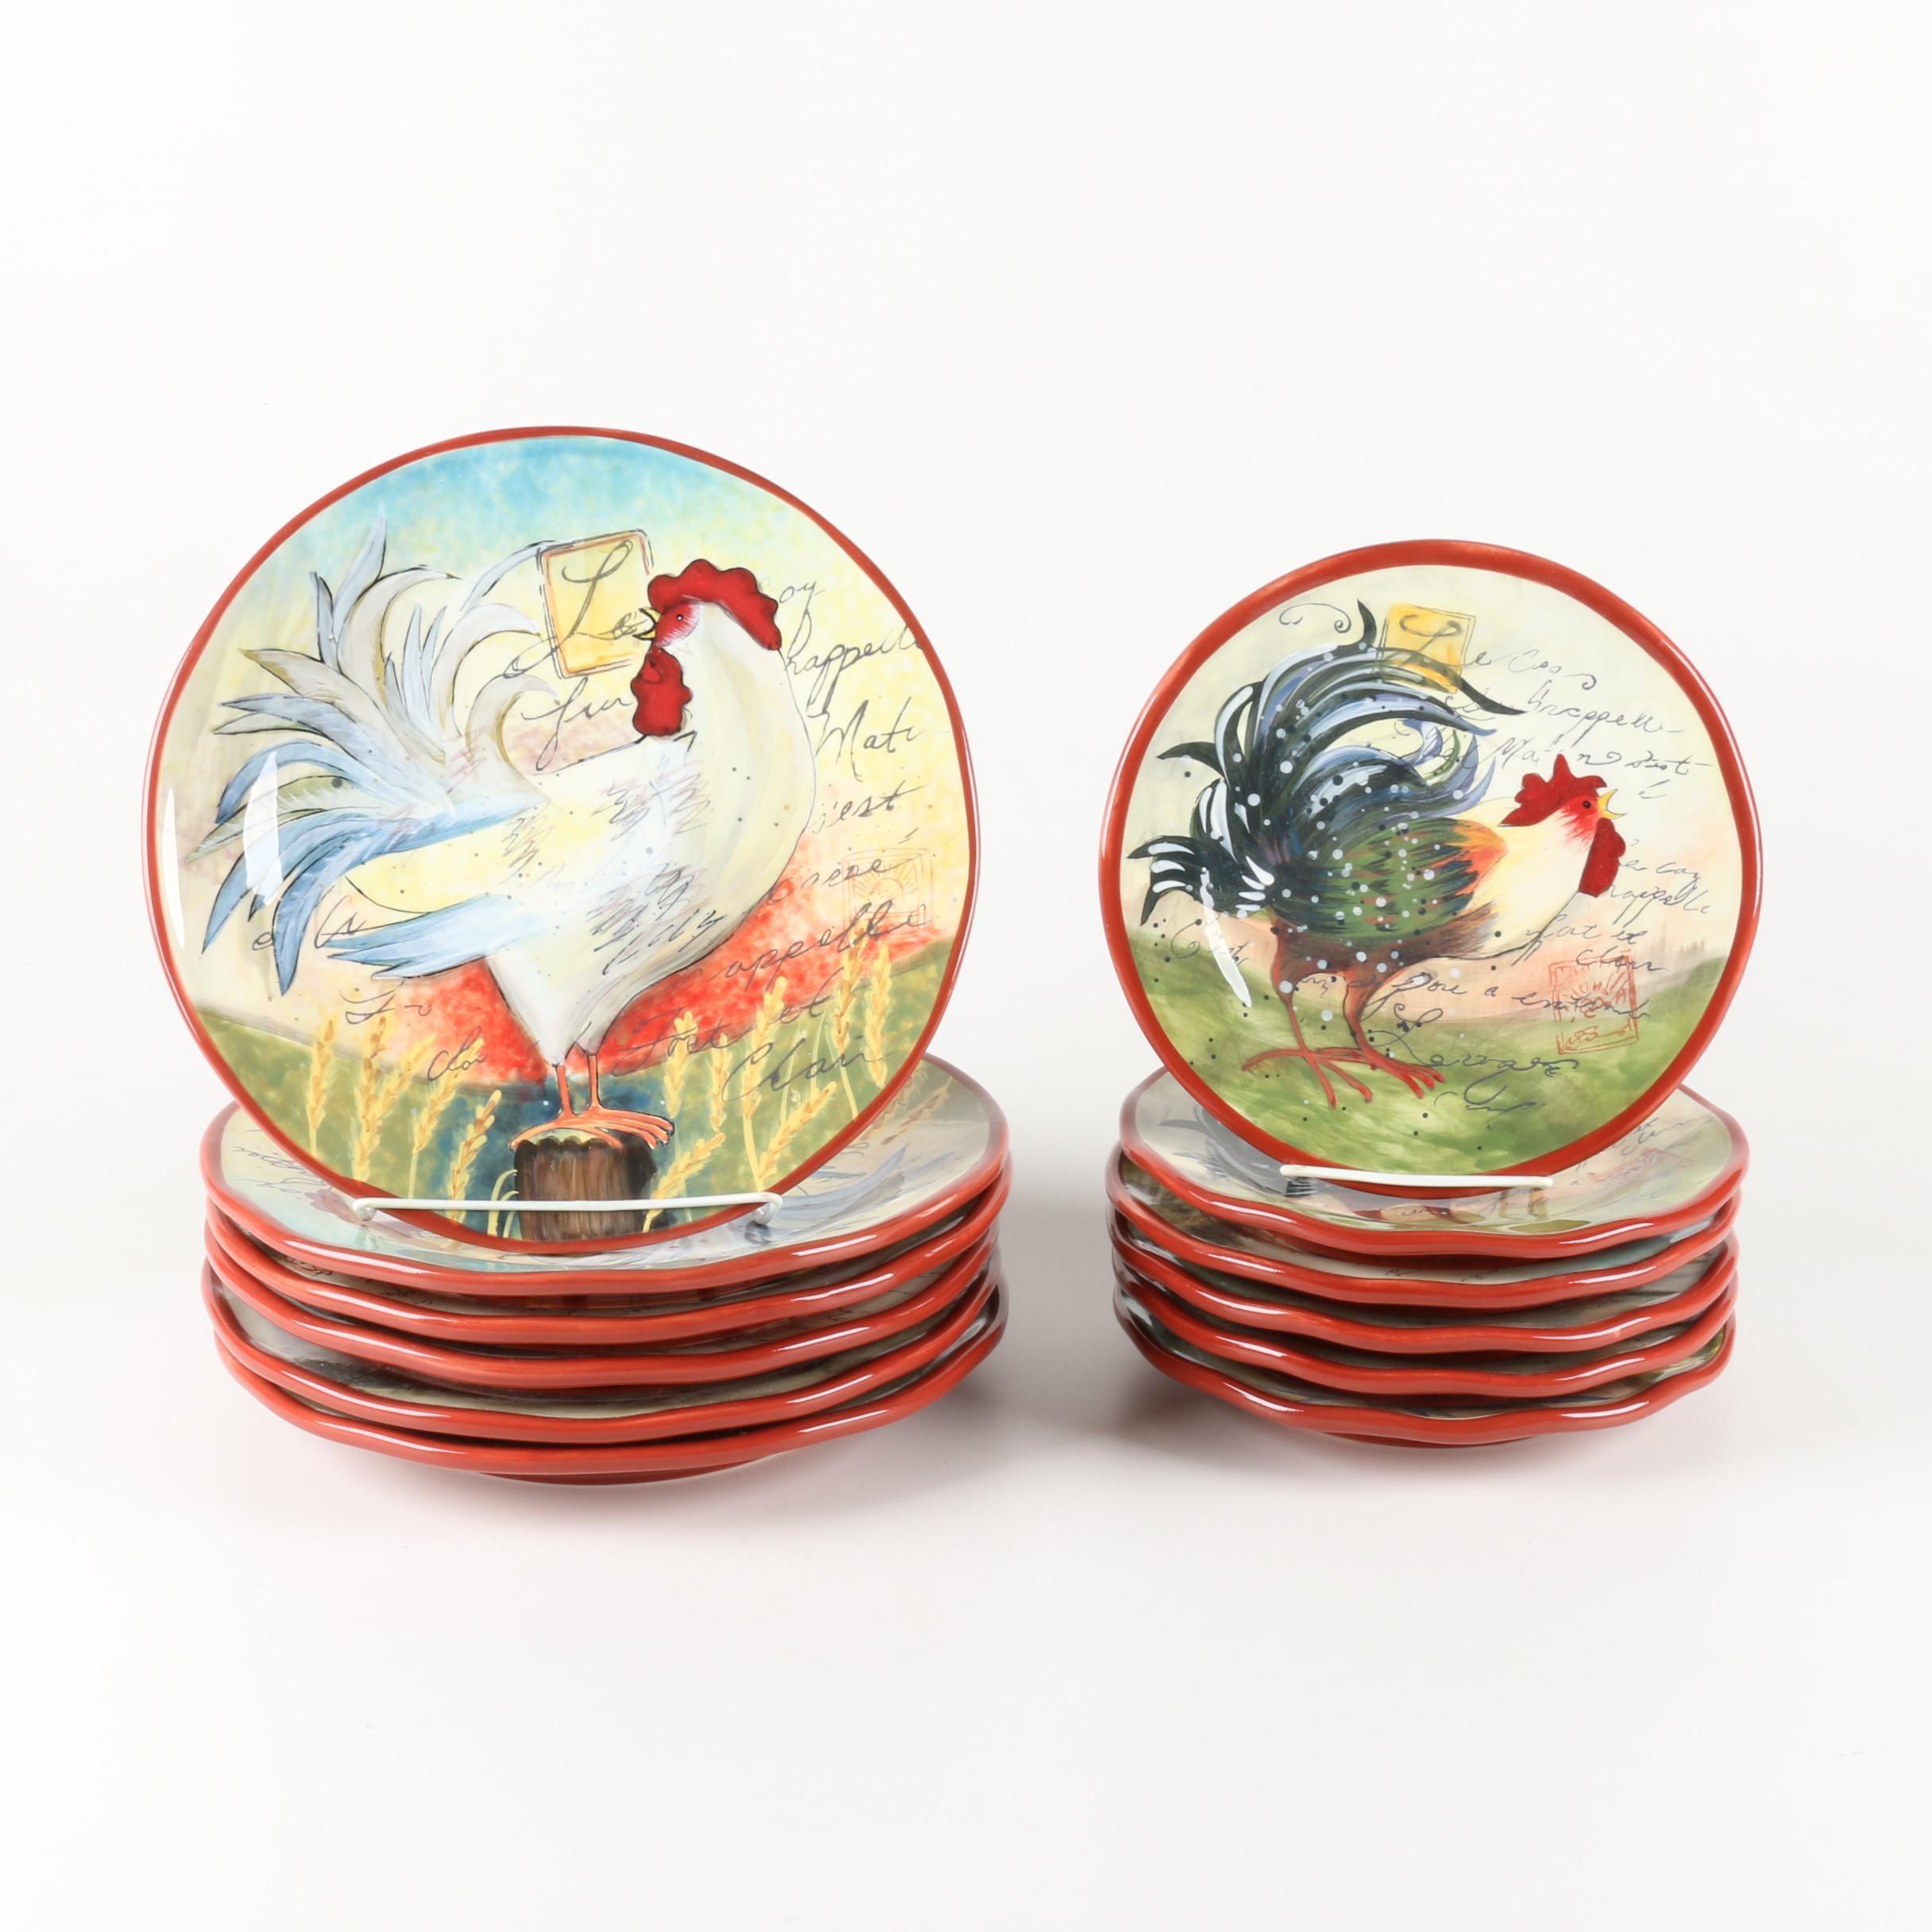 Susan Winget for Certified International \ Le Rooster\u0027 Plates ...  sc 1 st  EBTH.com & Susan Winget for Certified International \